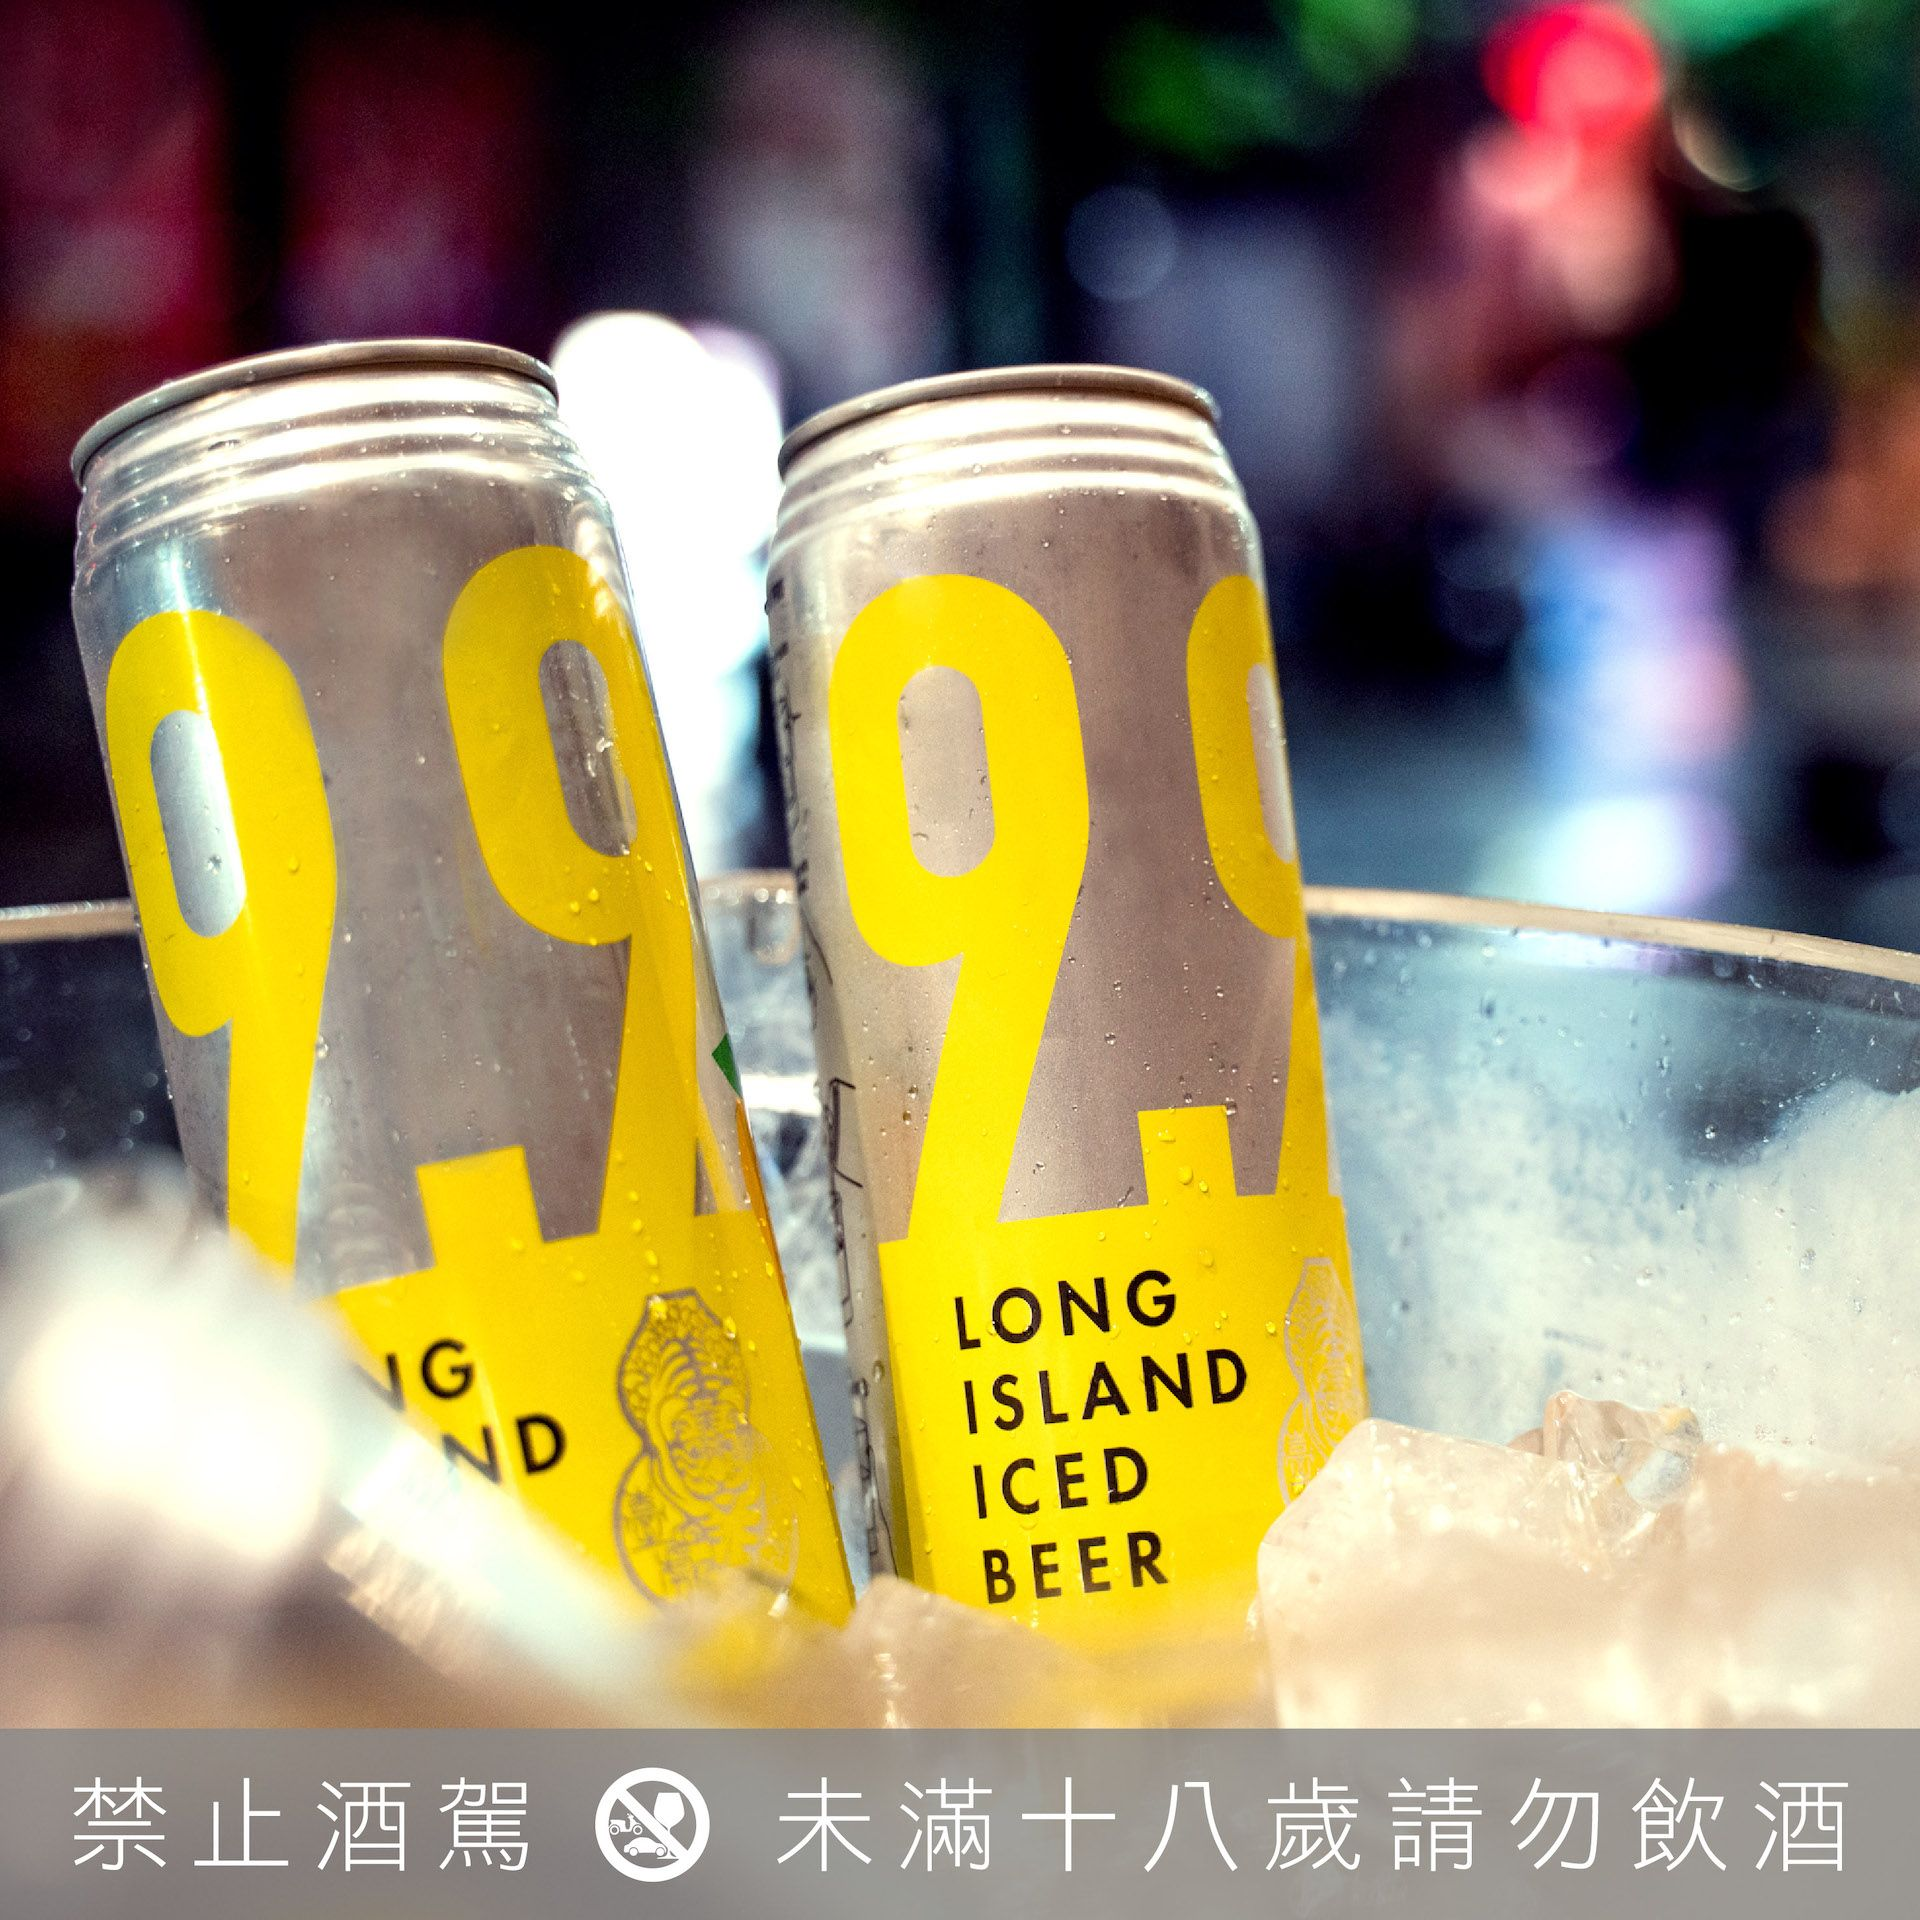 不只有啤酒!臺虎精釀首度推出「調酒系」飲品,長島冰茶控別錯過